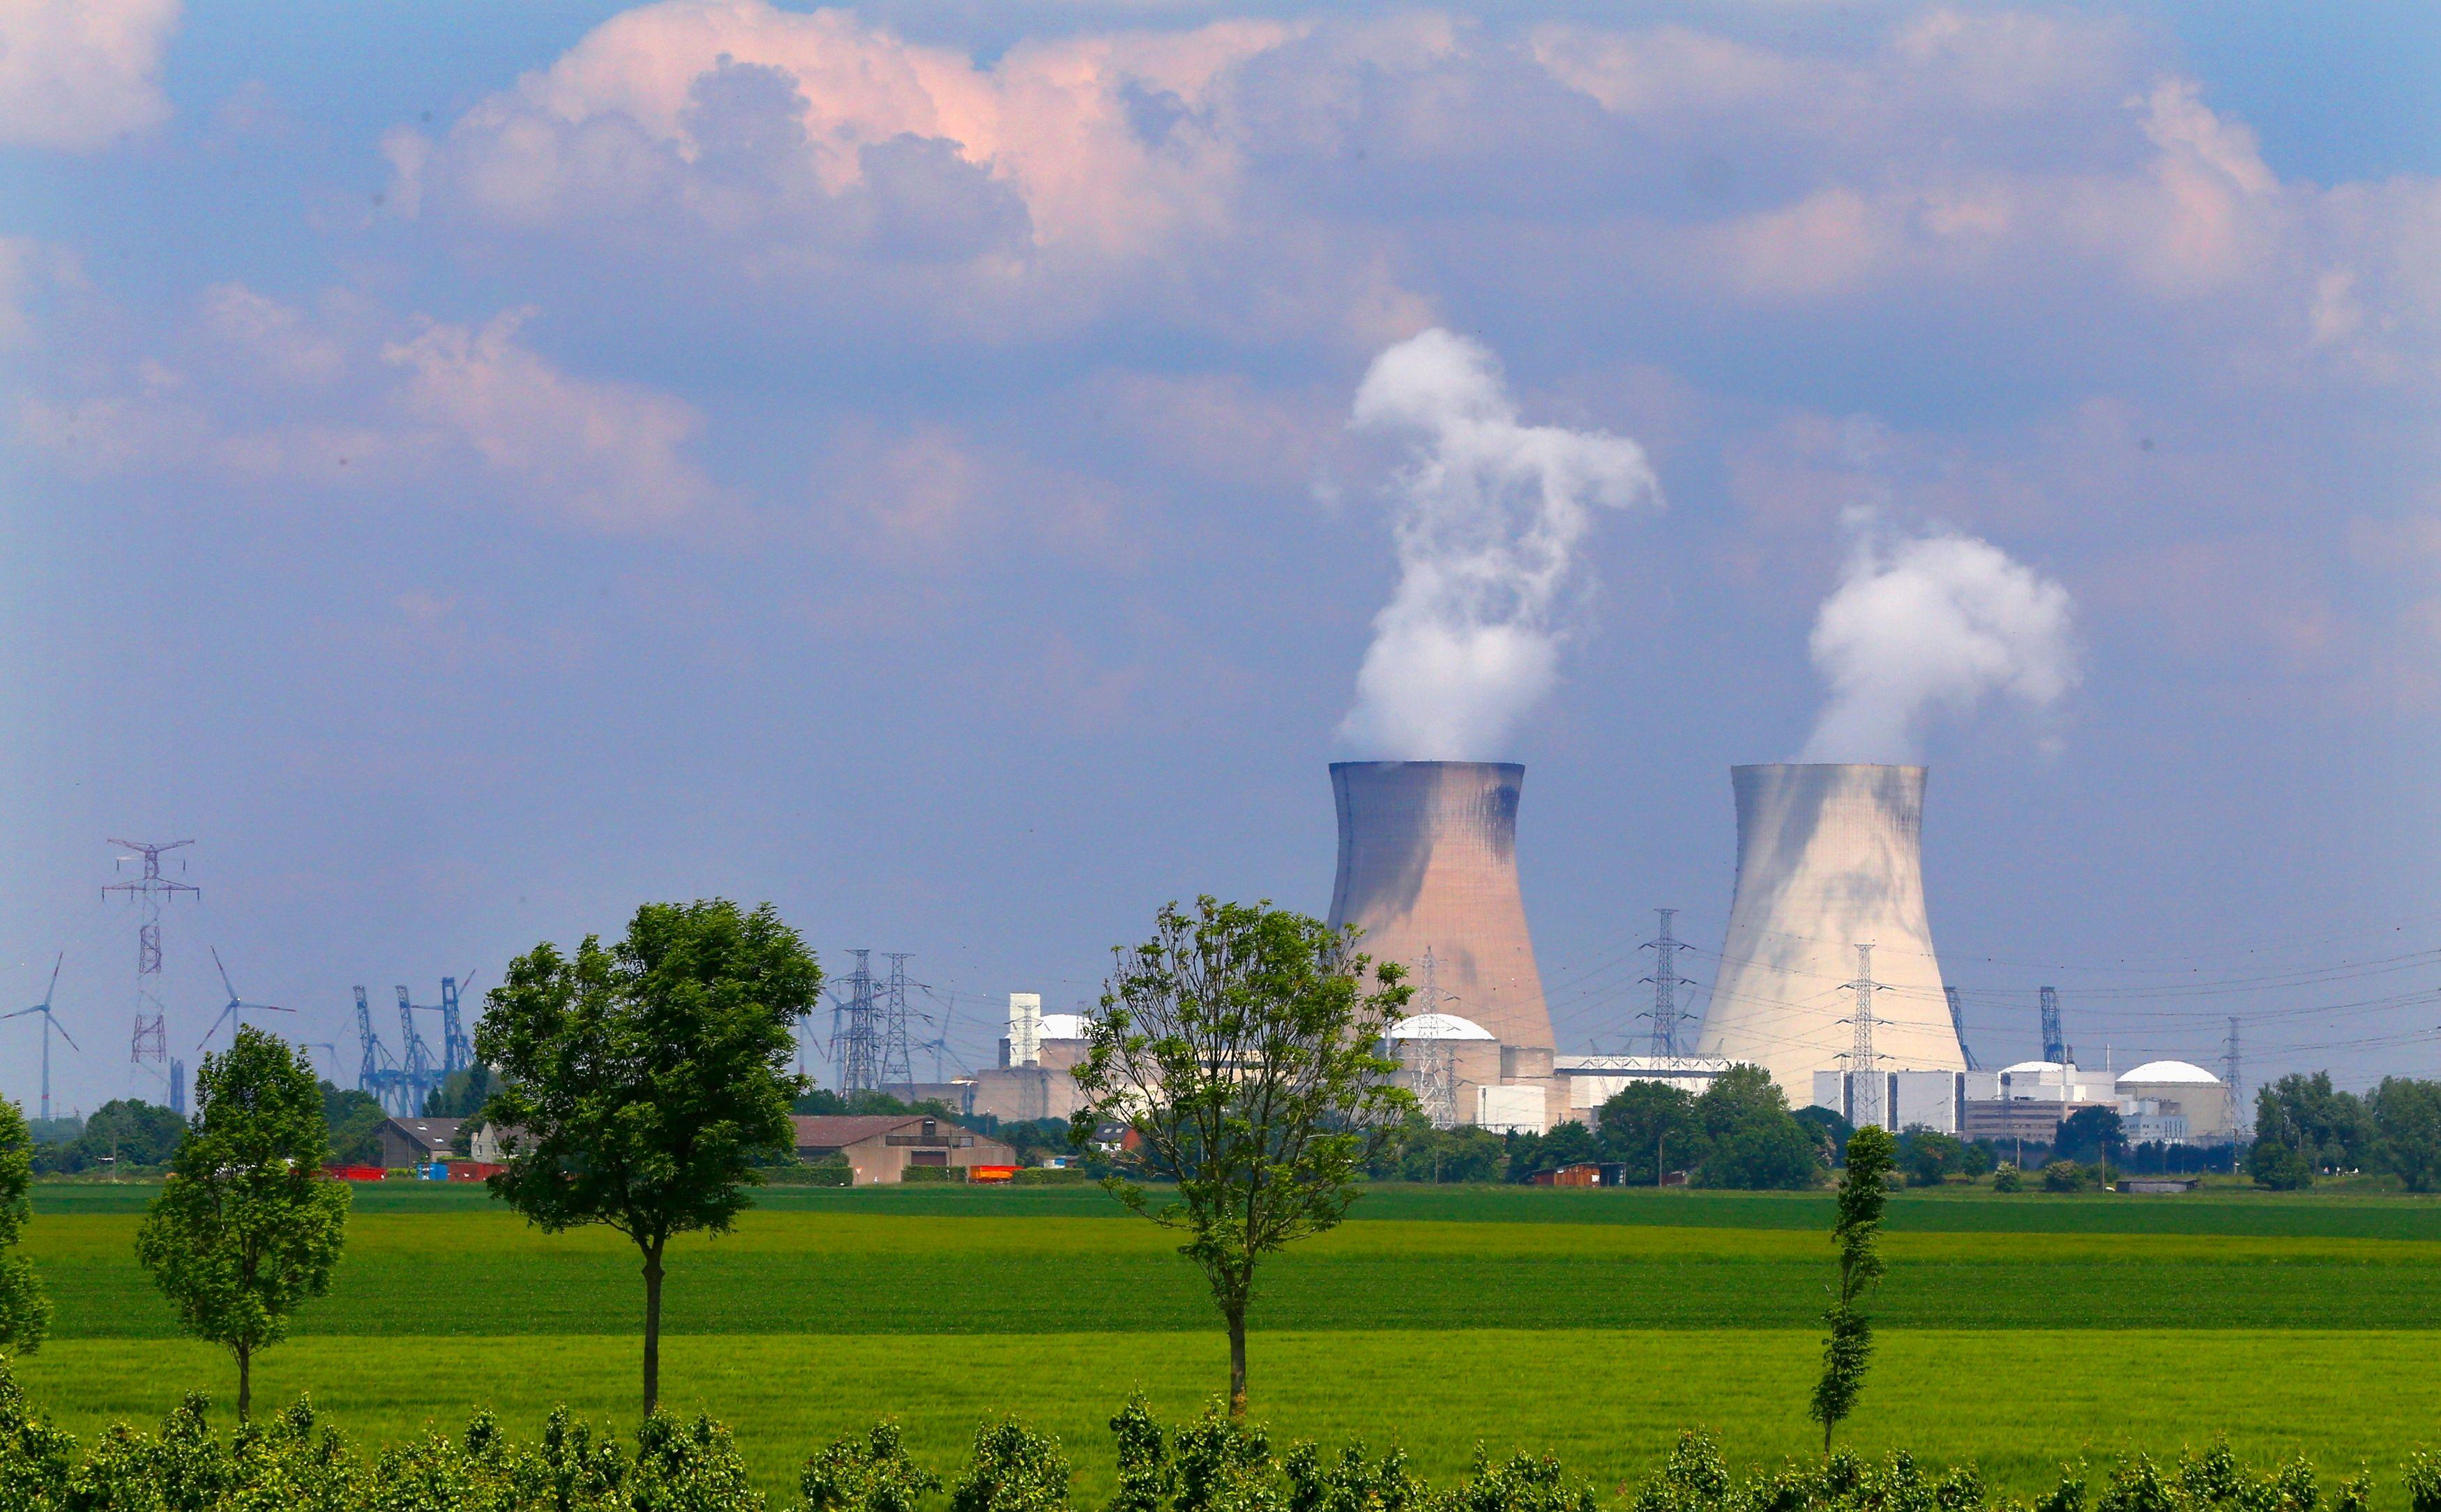 Depuis l'accident de Fukushima, les normes de sûreté nucléaire ont évolué dans les centrales françaises.